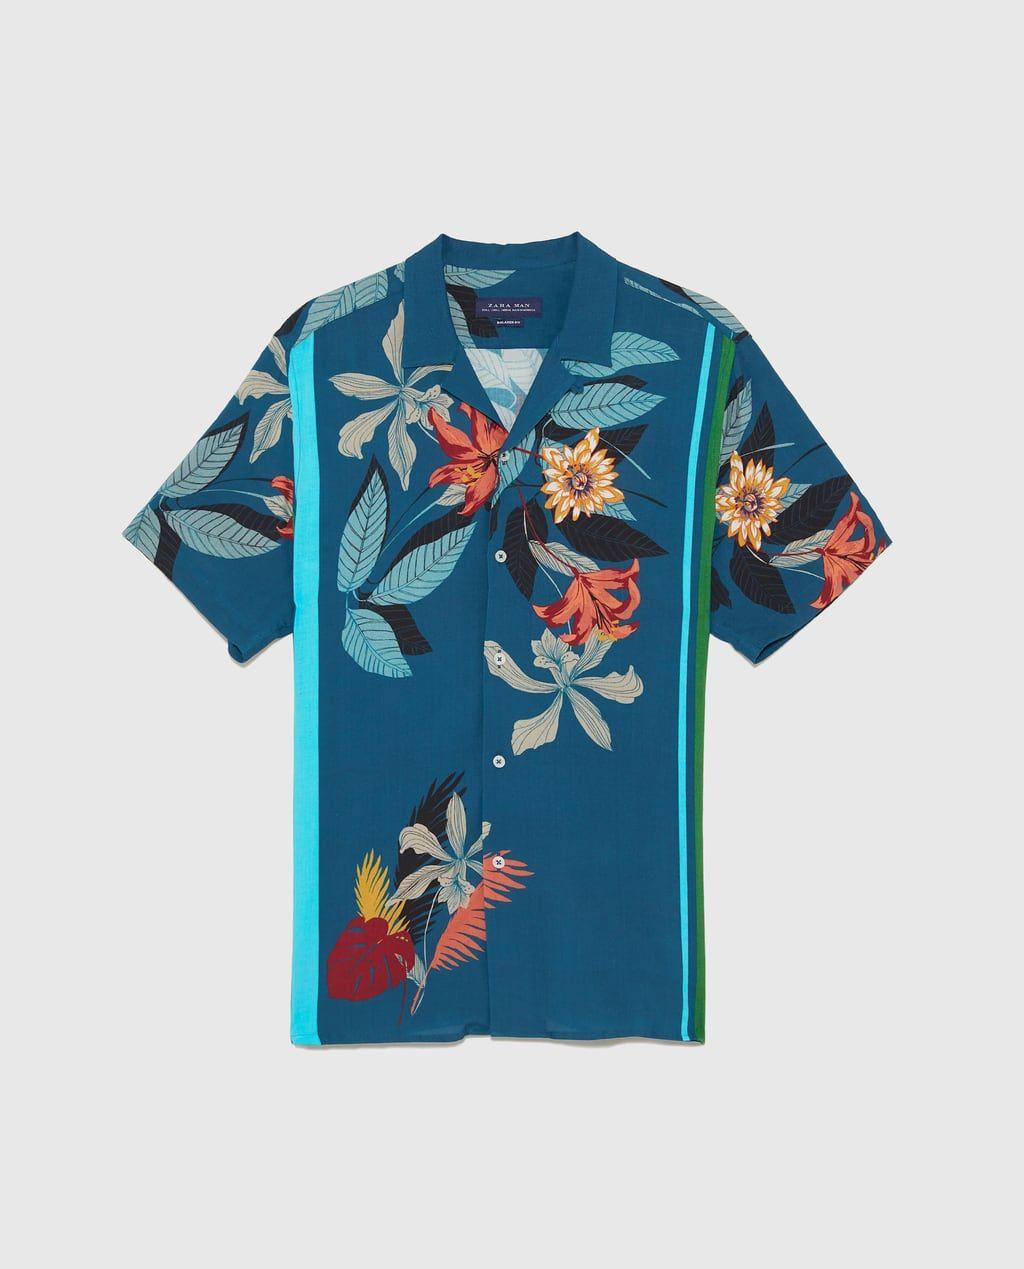 Luzna Koszula W Kwiaty Z Nadrukiem Koszule Mezczyzna Zara Polska Aloha Clothing Shirt Pattern Caribbean Outfits